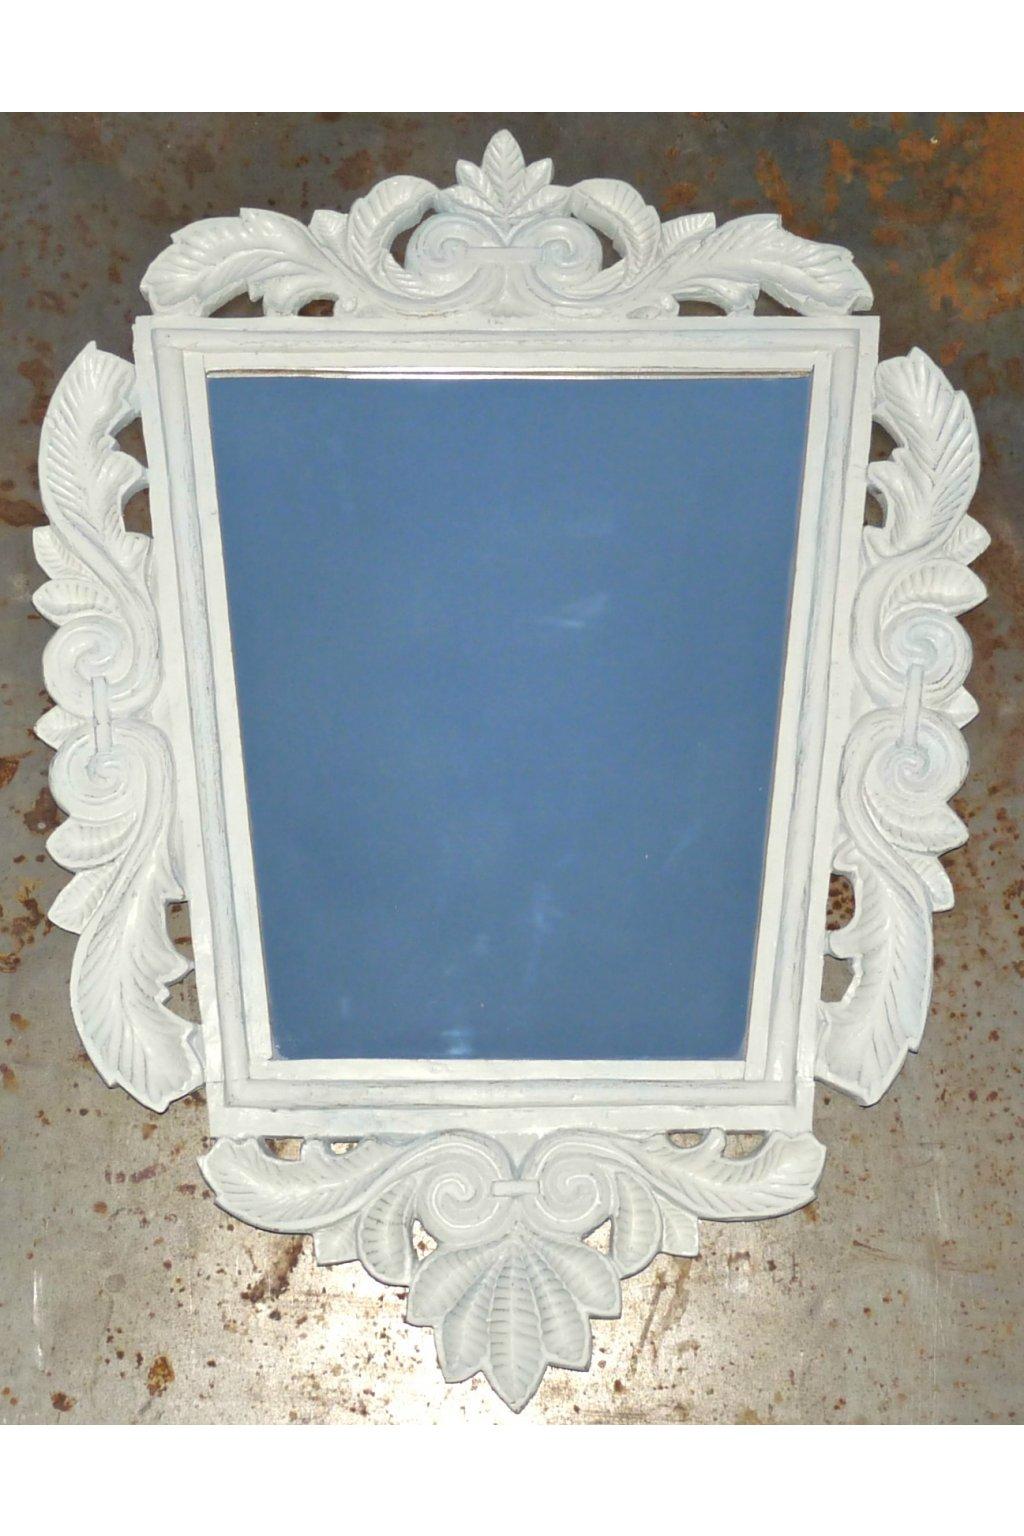 zrcadlo. bílý dřevěný rám zrcadlo